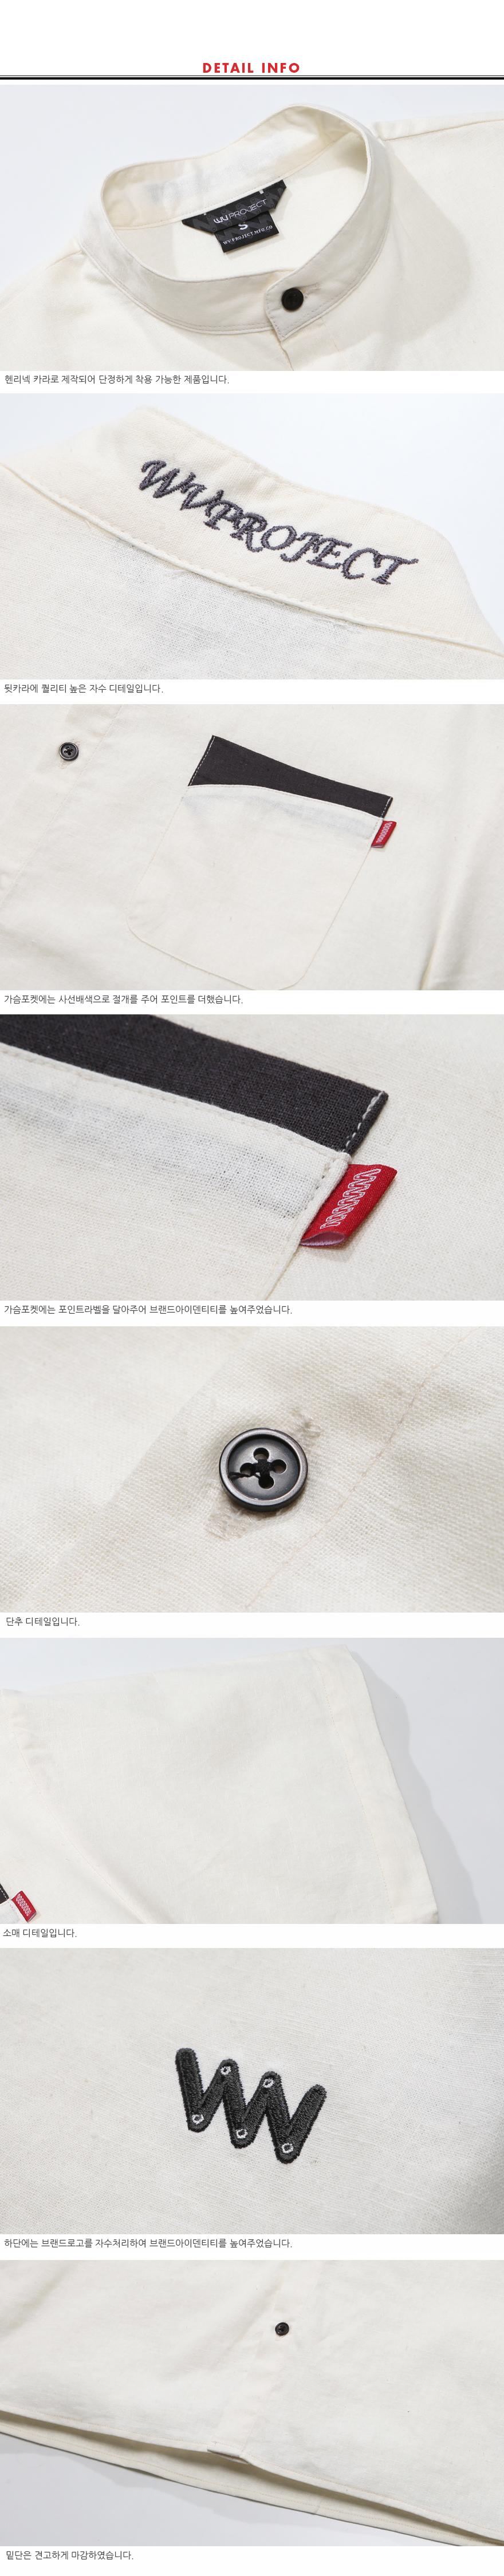 [더블유브이프로젝트] 네임 헨리넥 반팔 셔츠 3종 SWSS7276